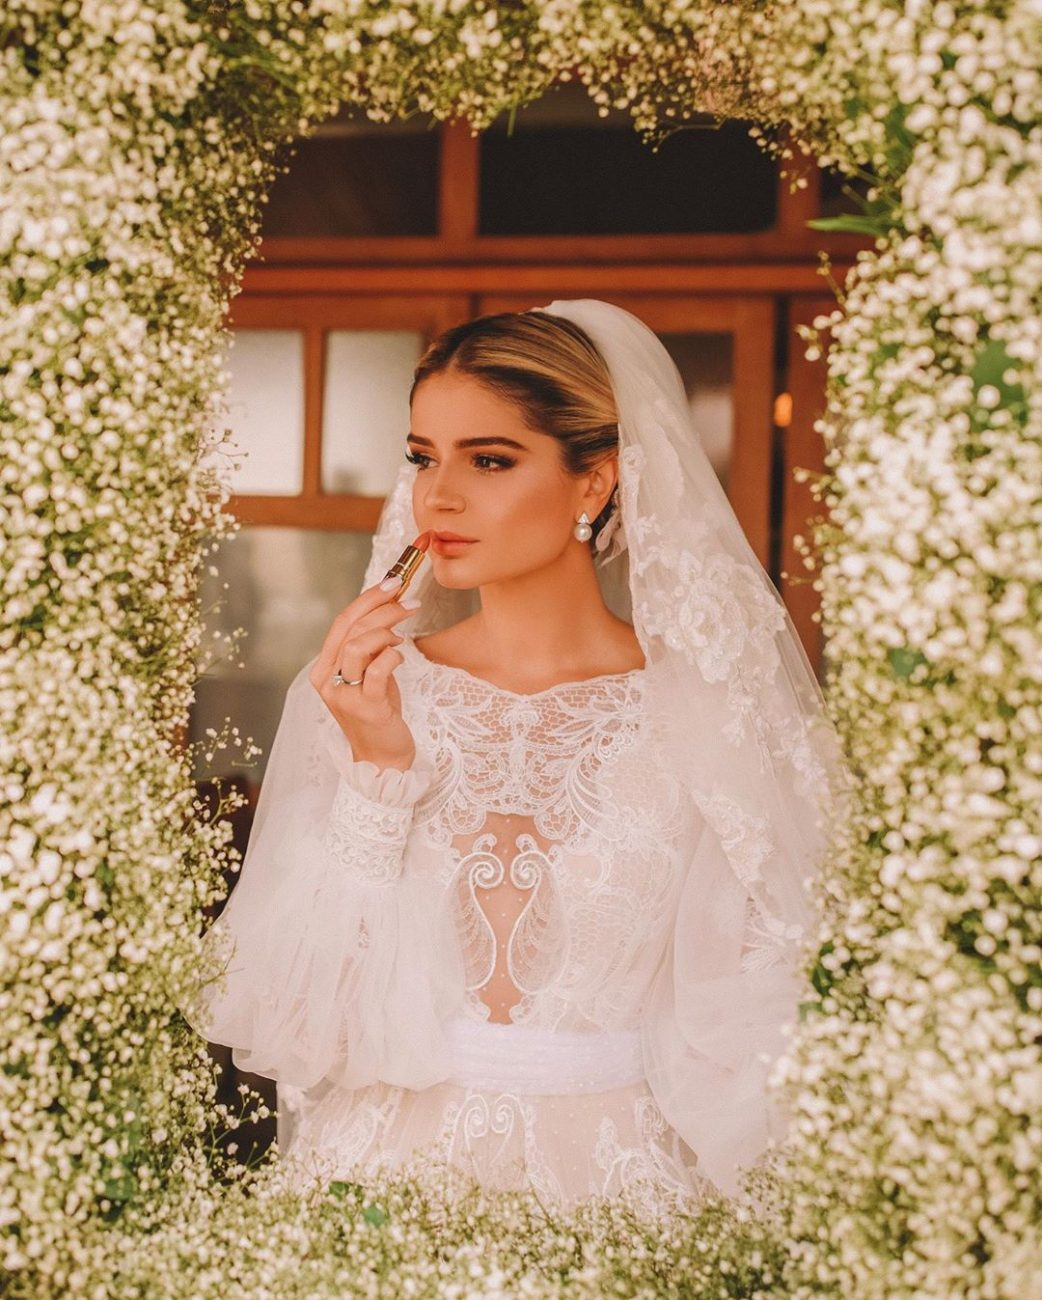 casamento religioso thássia naves e artur attie